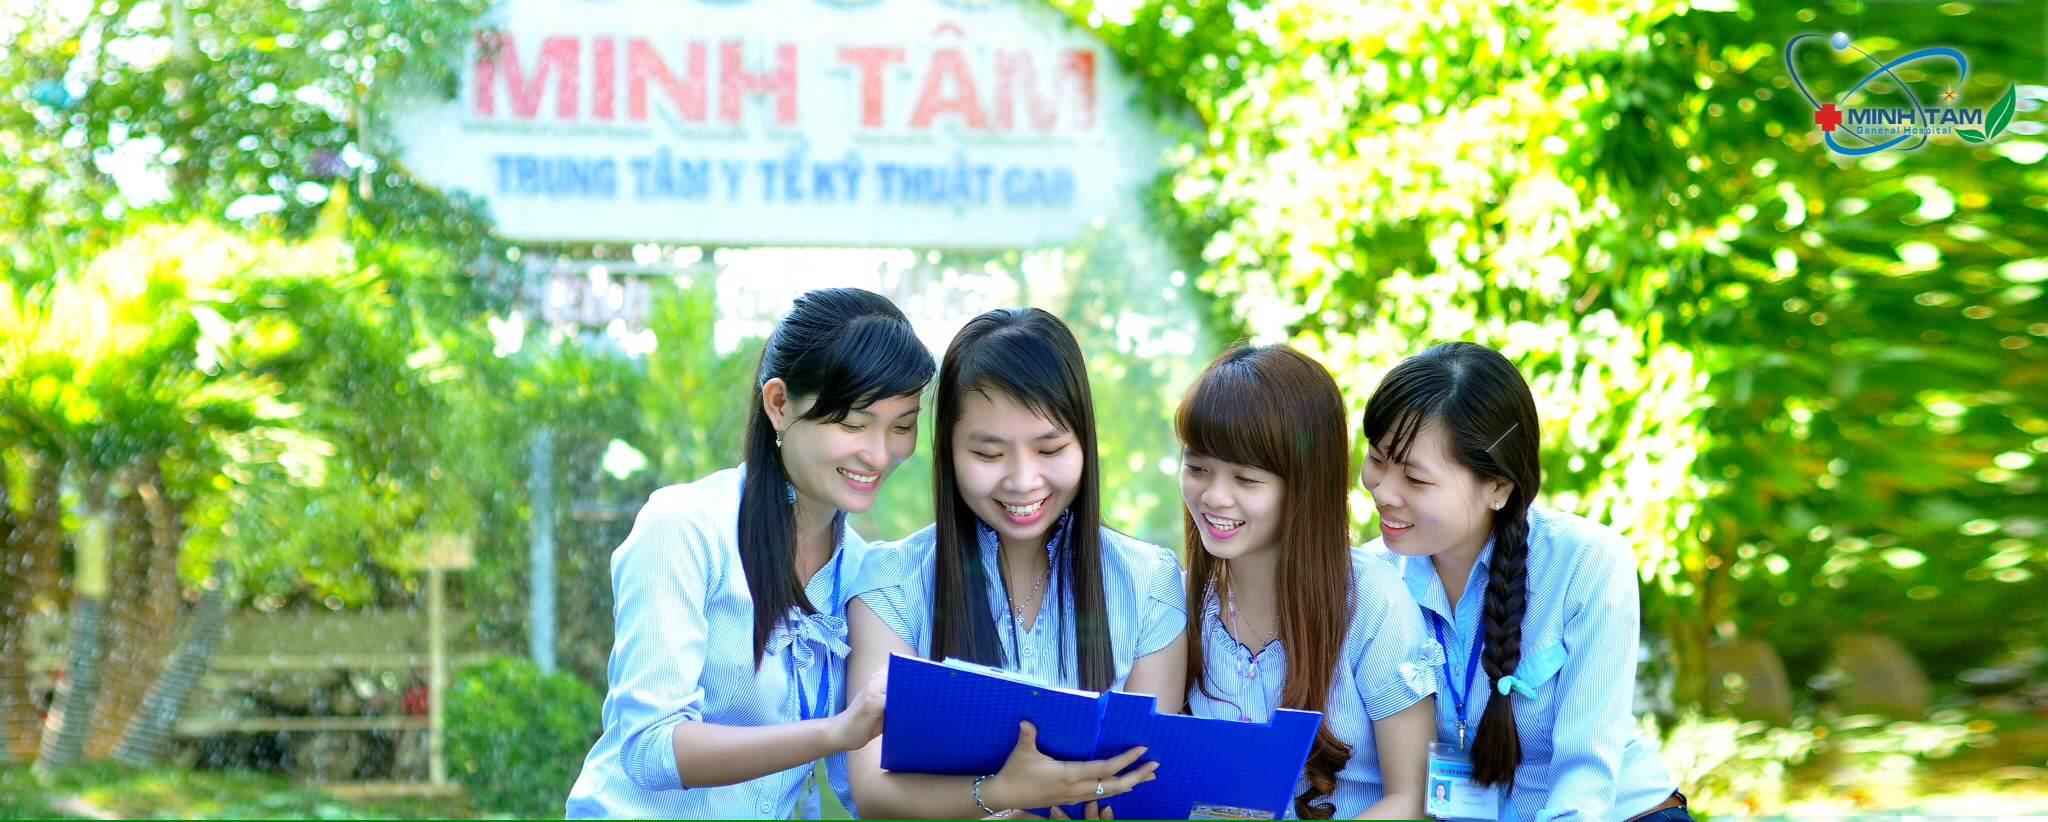 Tuyển dụng bệnh viện đa khoa Minh Tâm